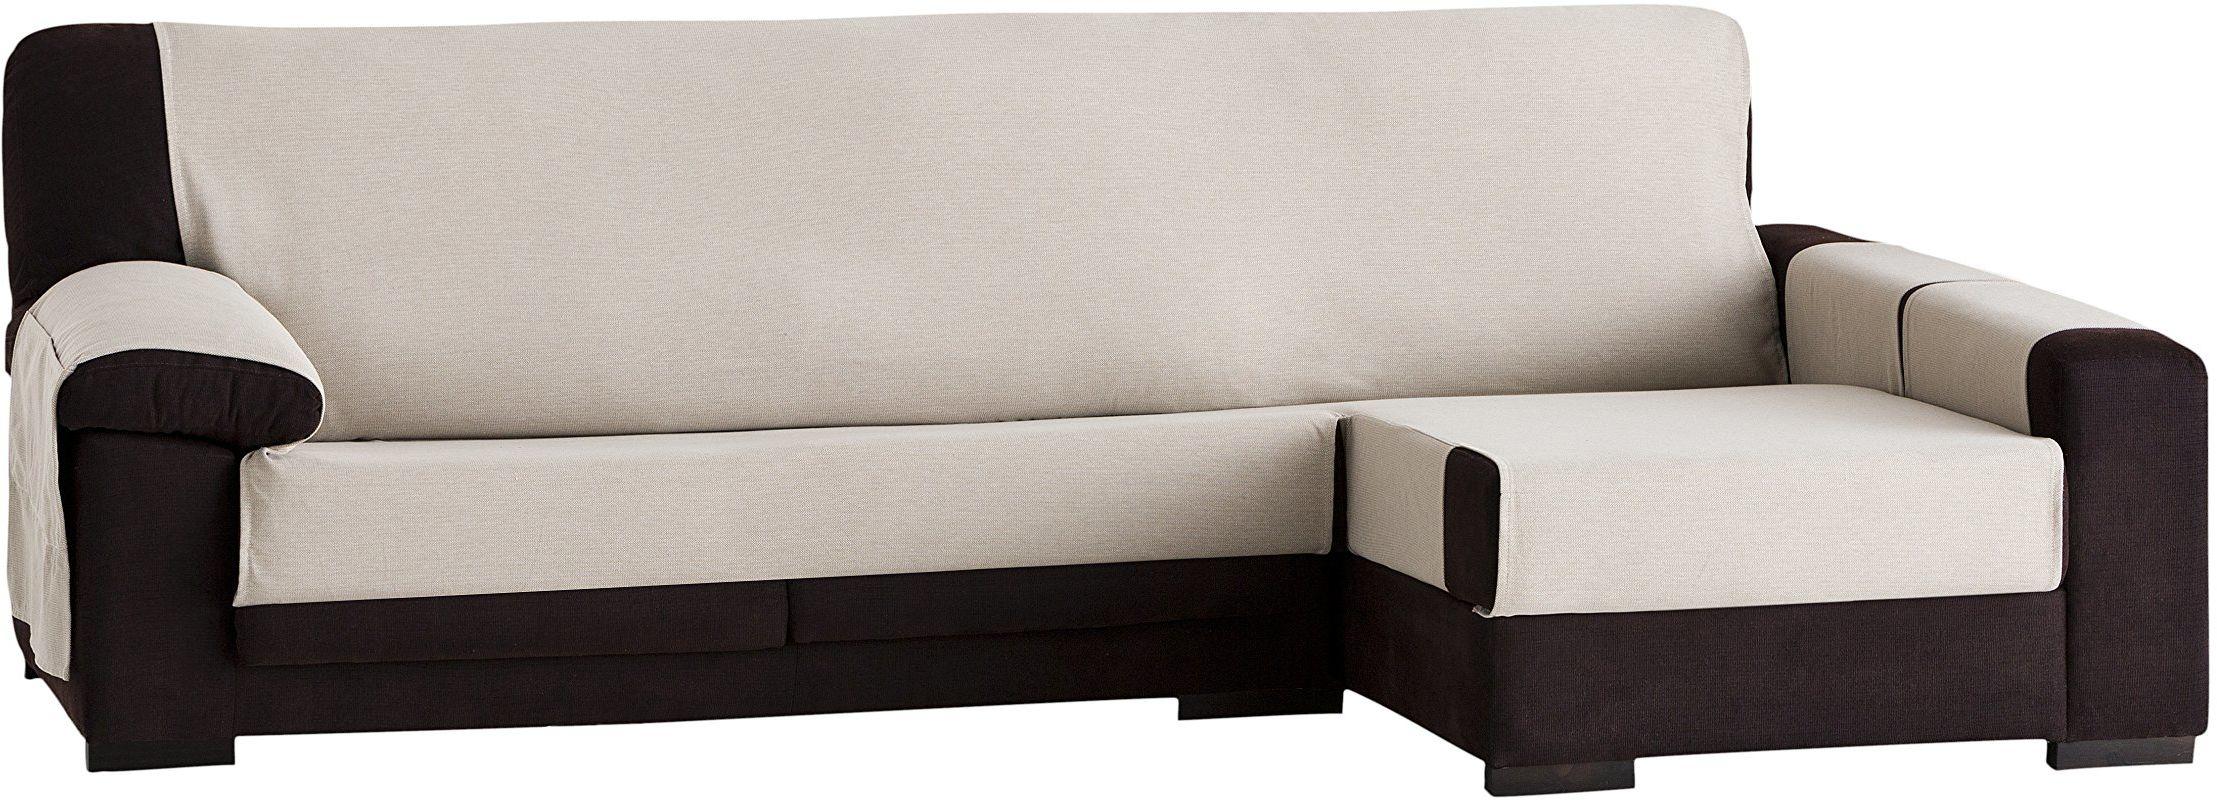 Eysa Constanza nieelastyczna narzuta na sofę, szezlongue, 240 cm, z przodu, bawełna, 01-len, 37 x 9 x 29 cm